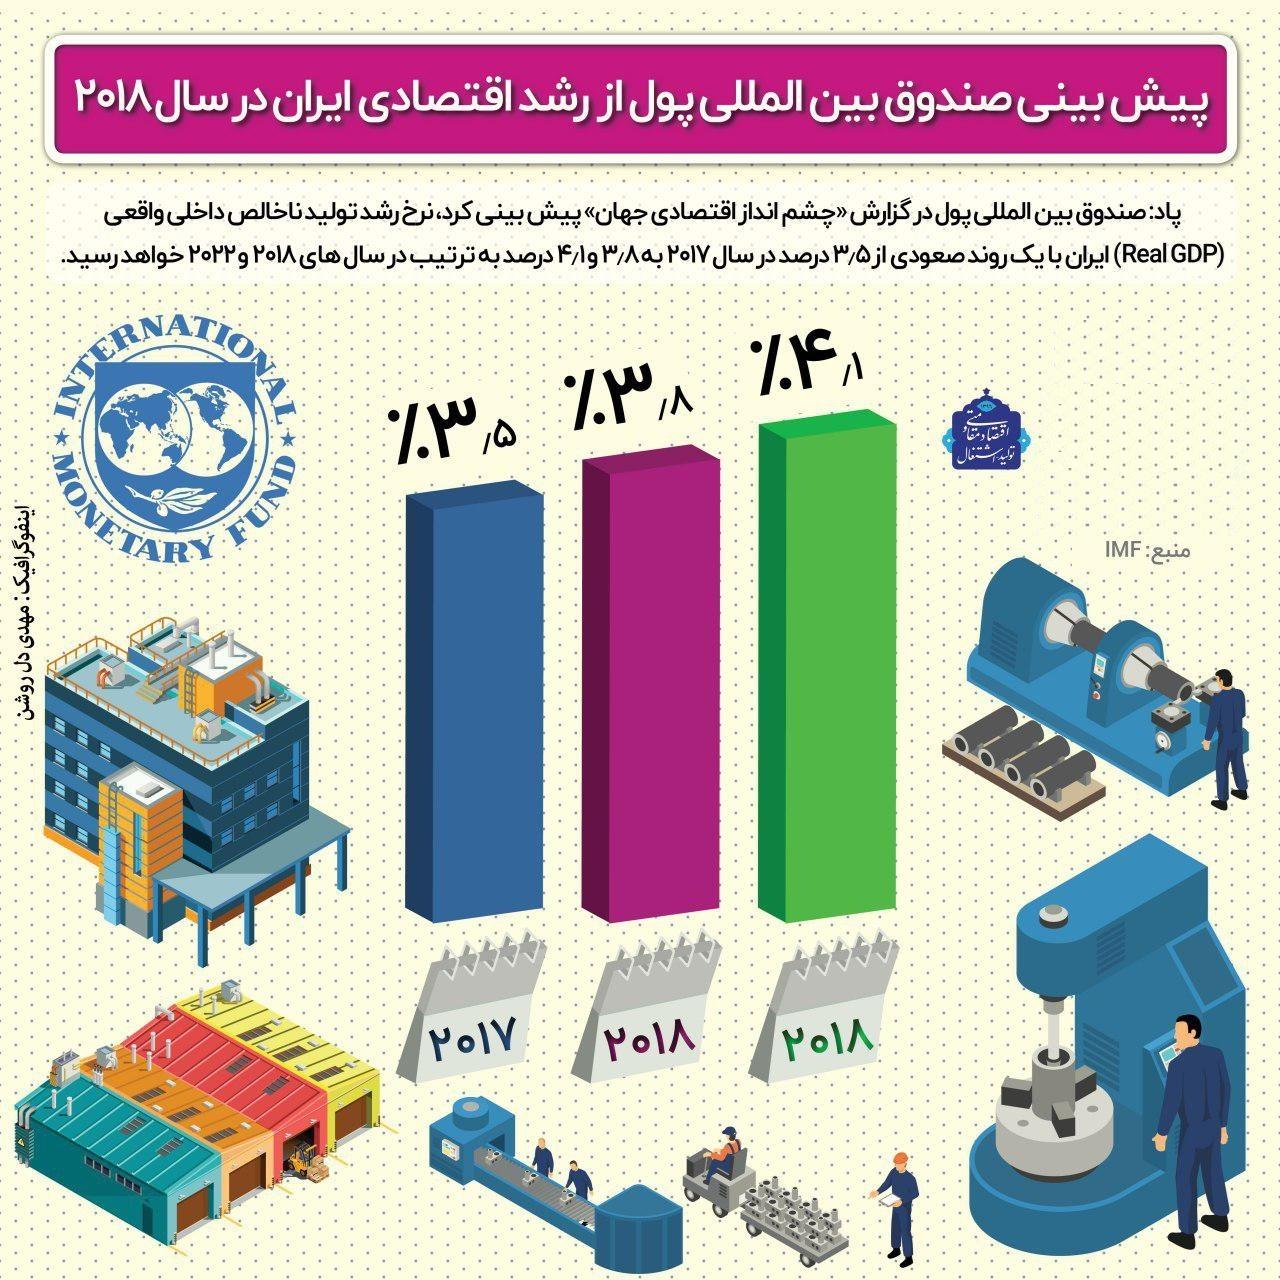 پیشبینی صندوق بینالمللی پول از رشد اقتصادی ایران +اینفوگرافیک